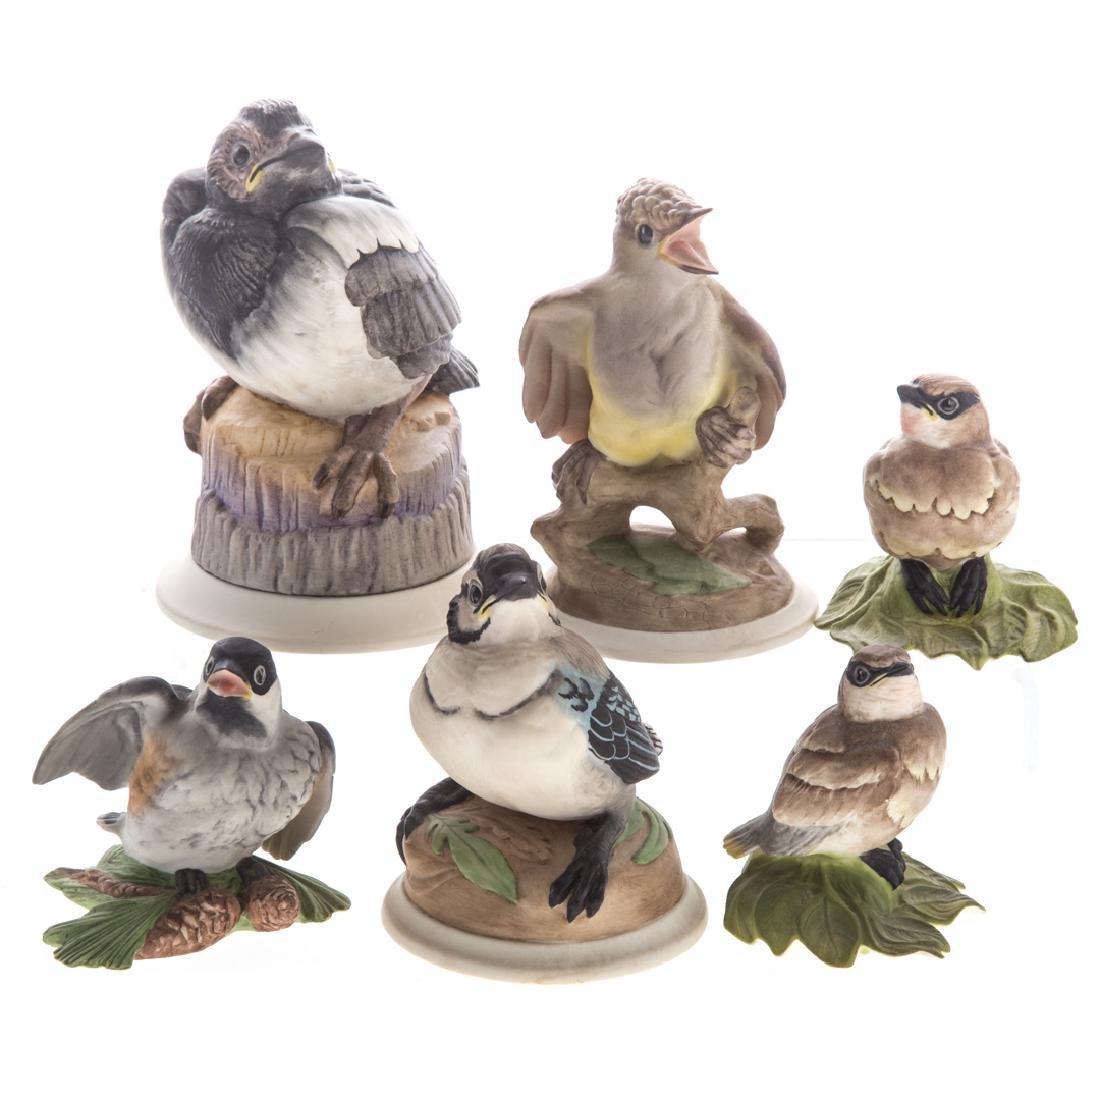 Six Boehm bisque baby /fledgling birds